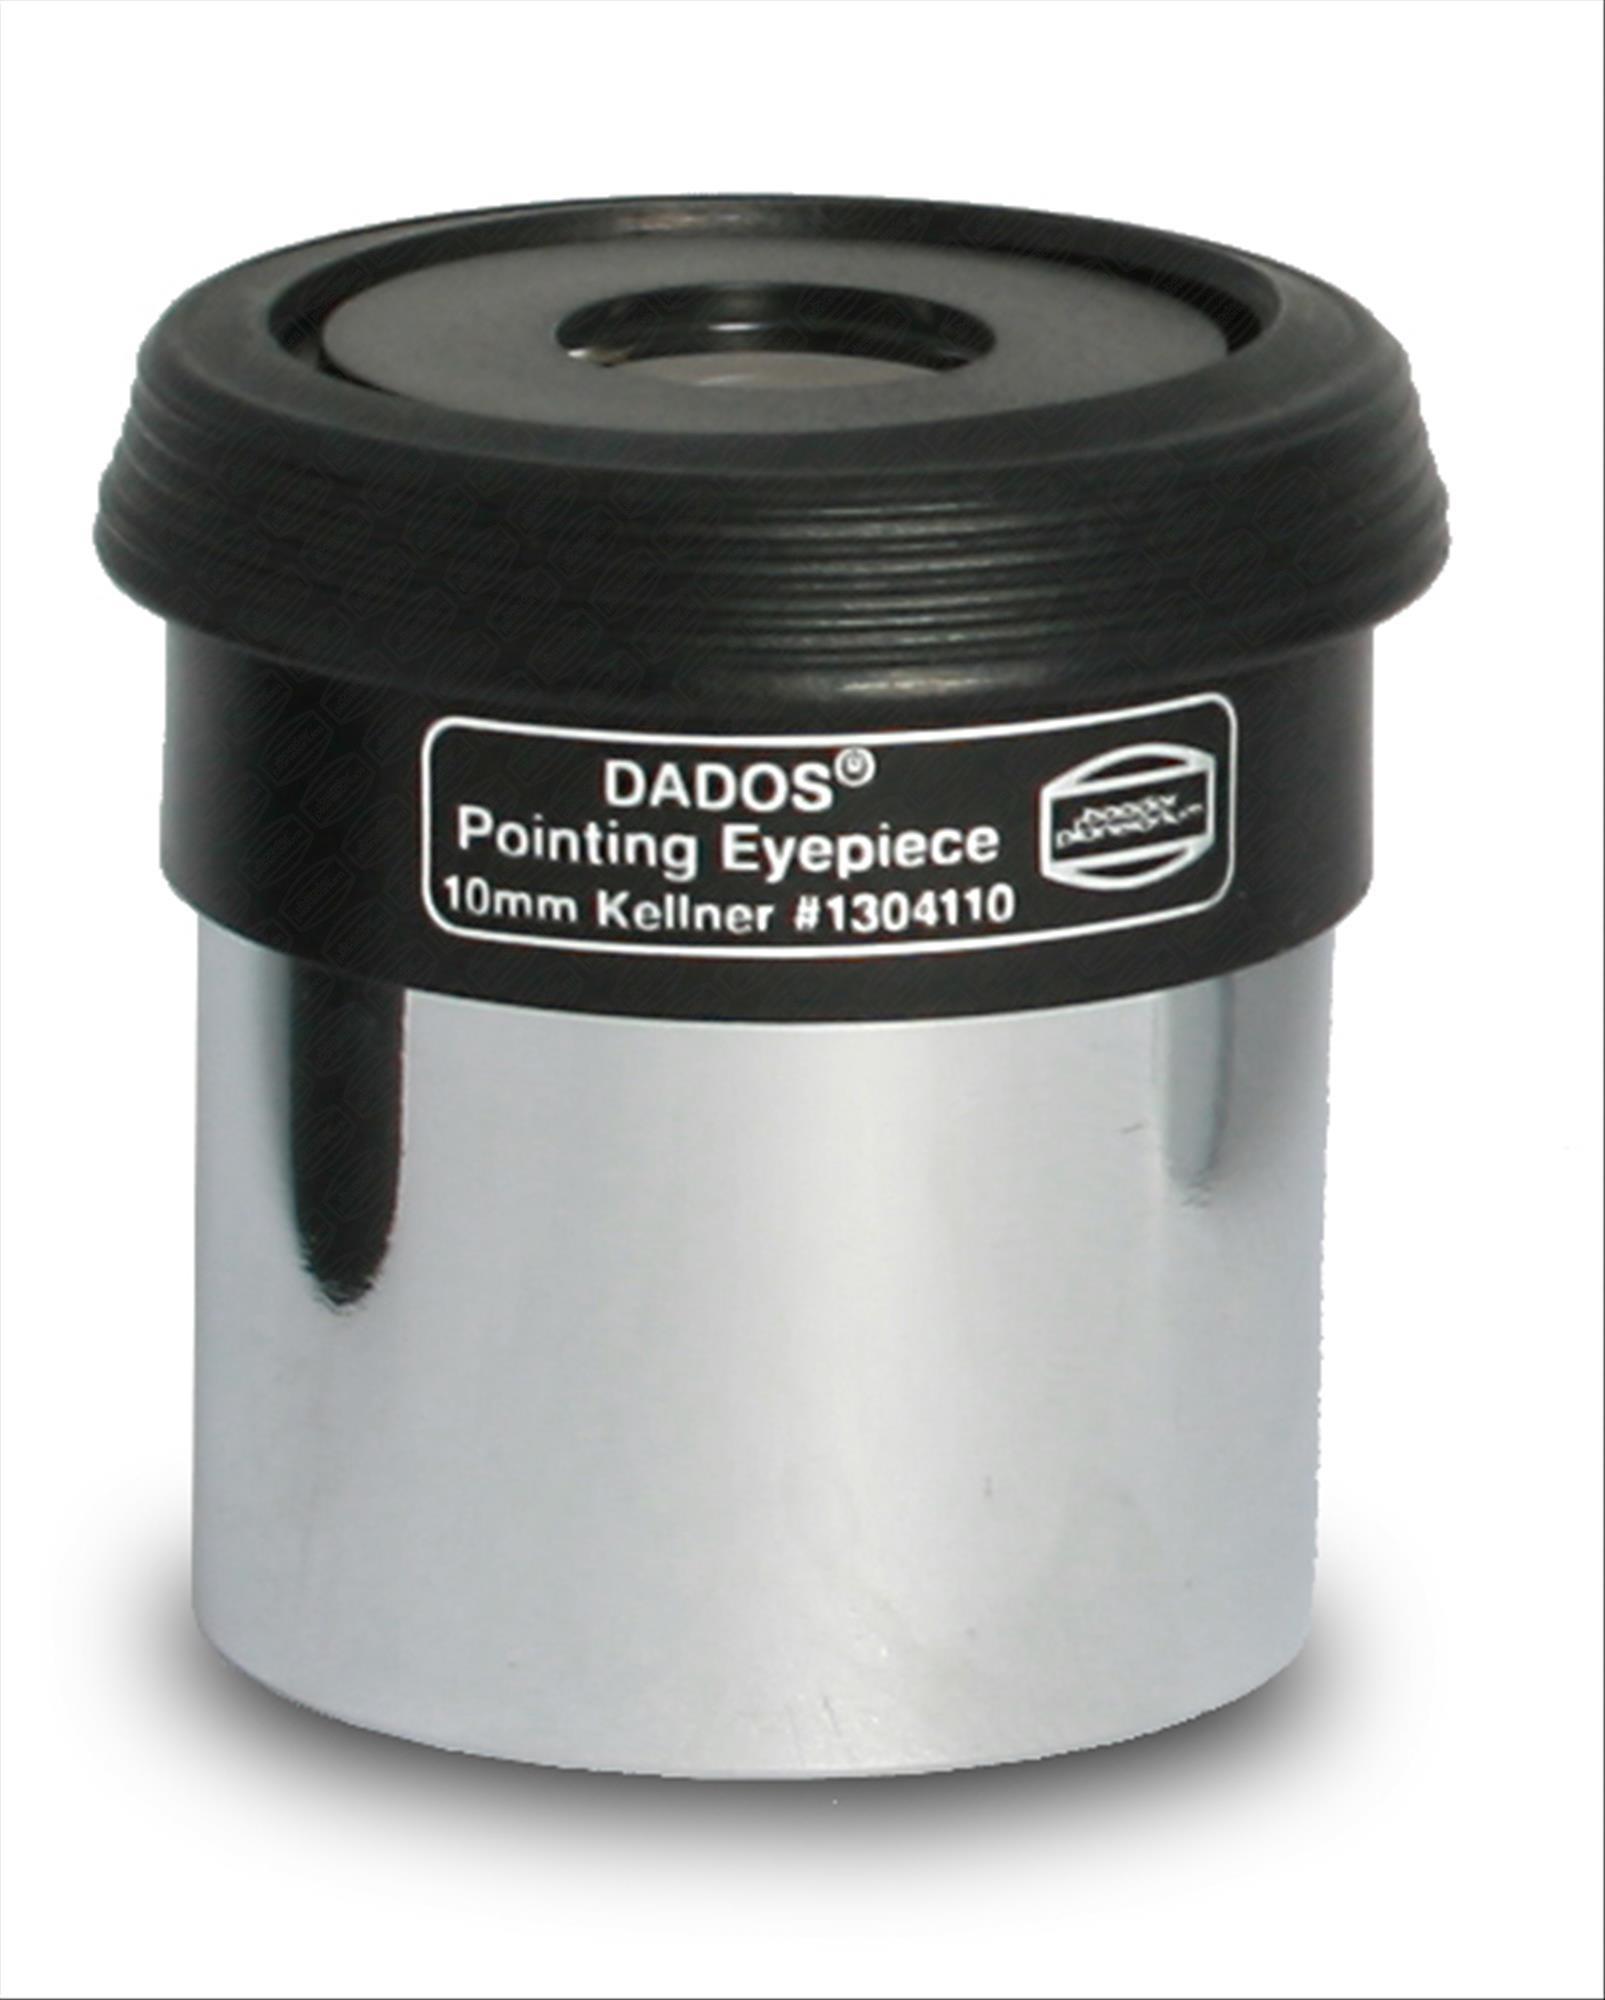 DADOS 10mm Guiding Eyepiece